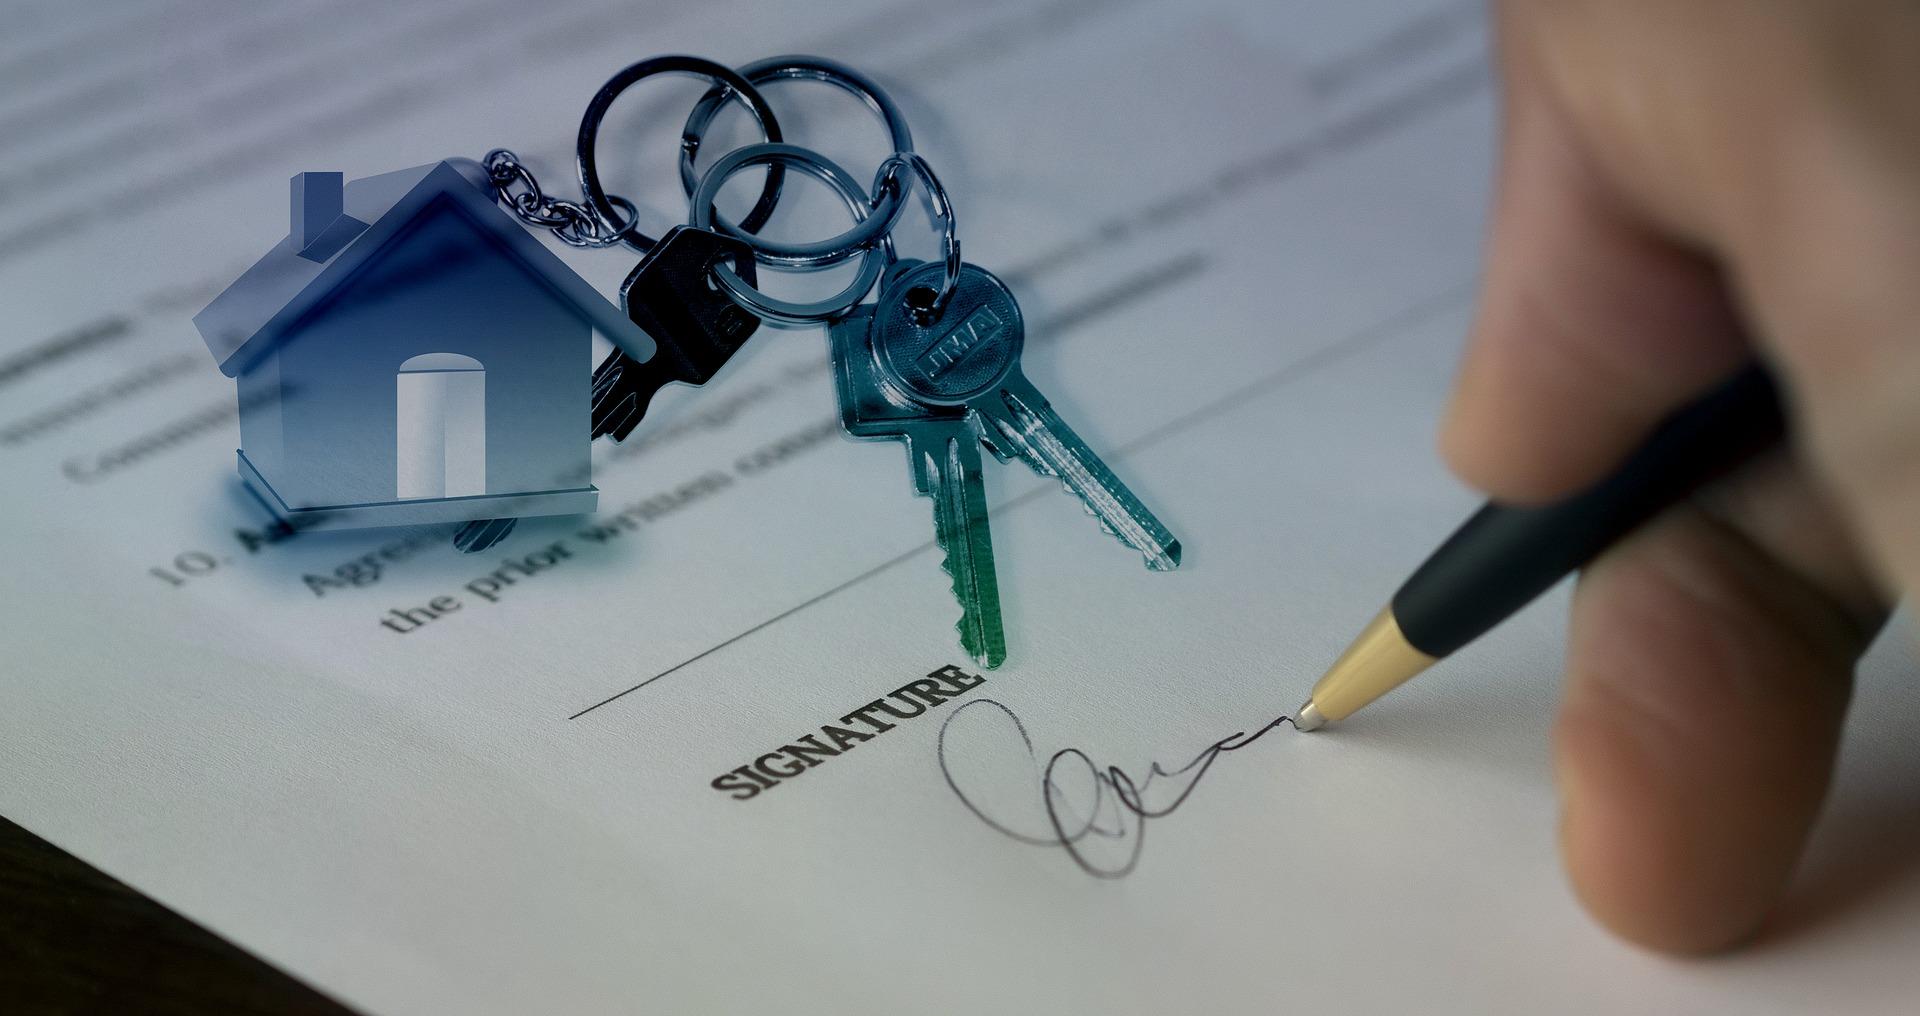 Ваше майно вибуло із володіння під час виконавчого провадження? Особливості захисту прав